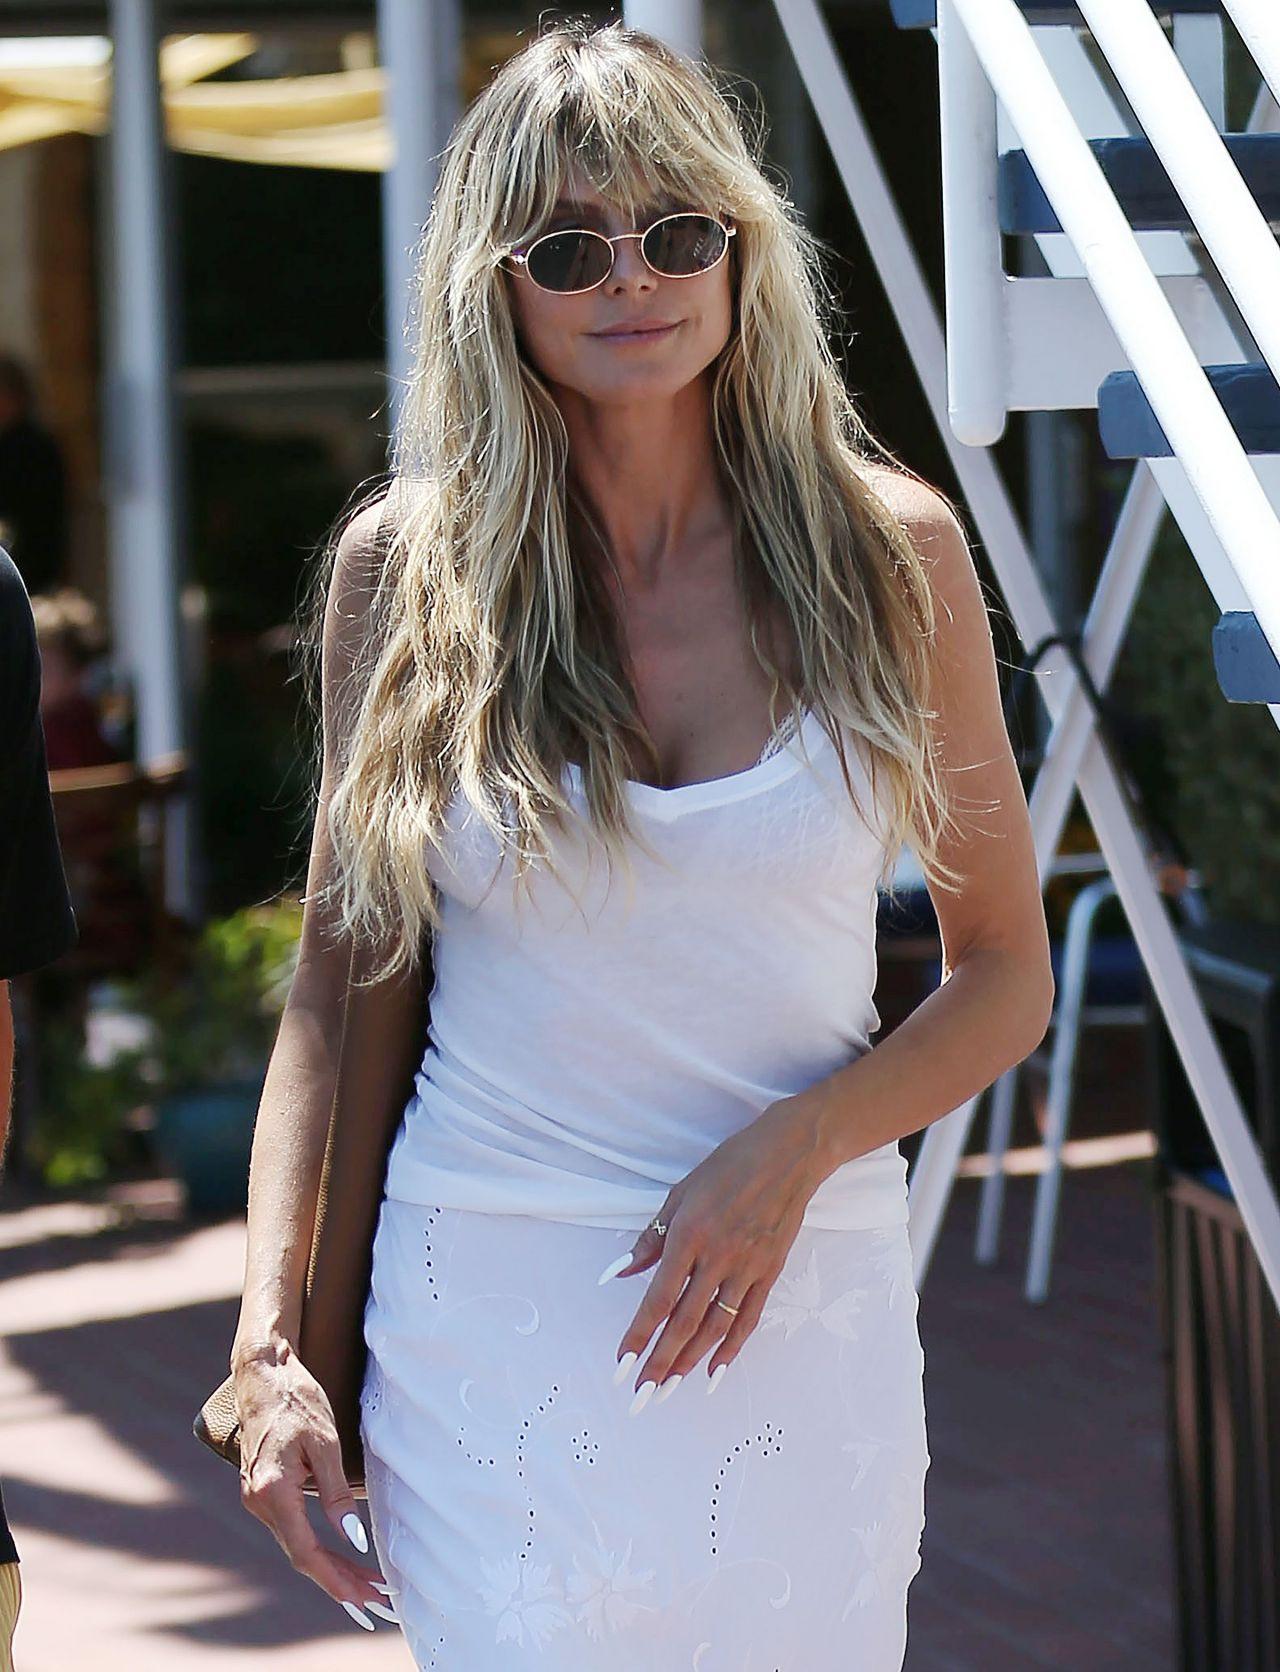 """Heidi Klum'dan çılgın yatak odası itirafı! """"Oldukça çılgınım, partnerimi..."""" - Sayfa 14"""